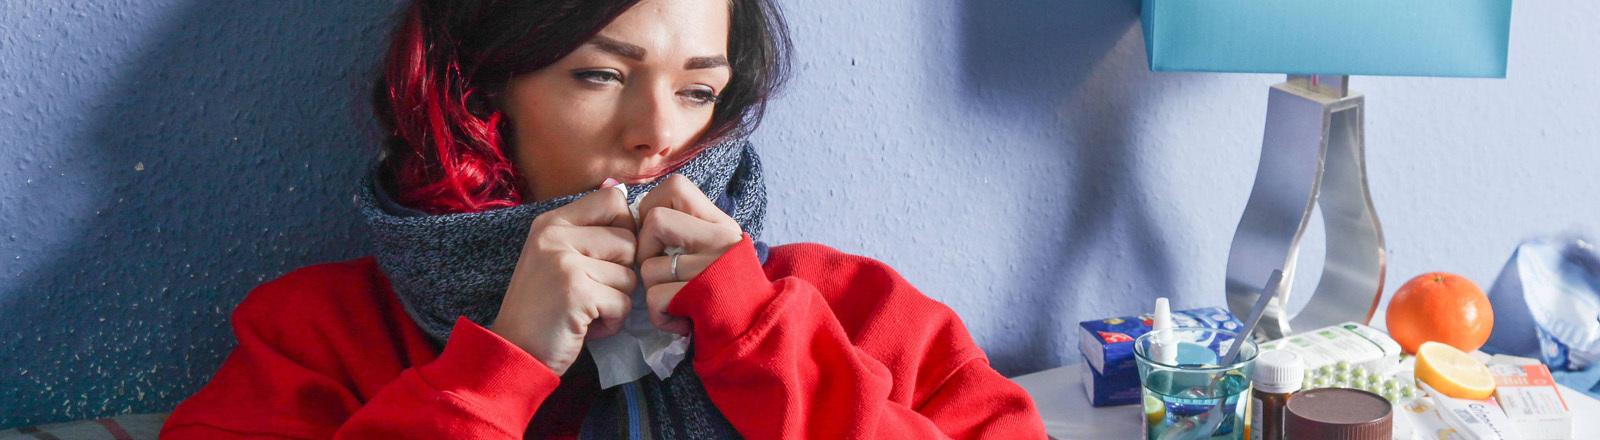 Frau liegt mit Schal, dickem Pulli und Taschentüchern im Bett